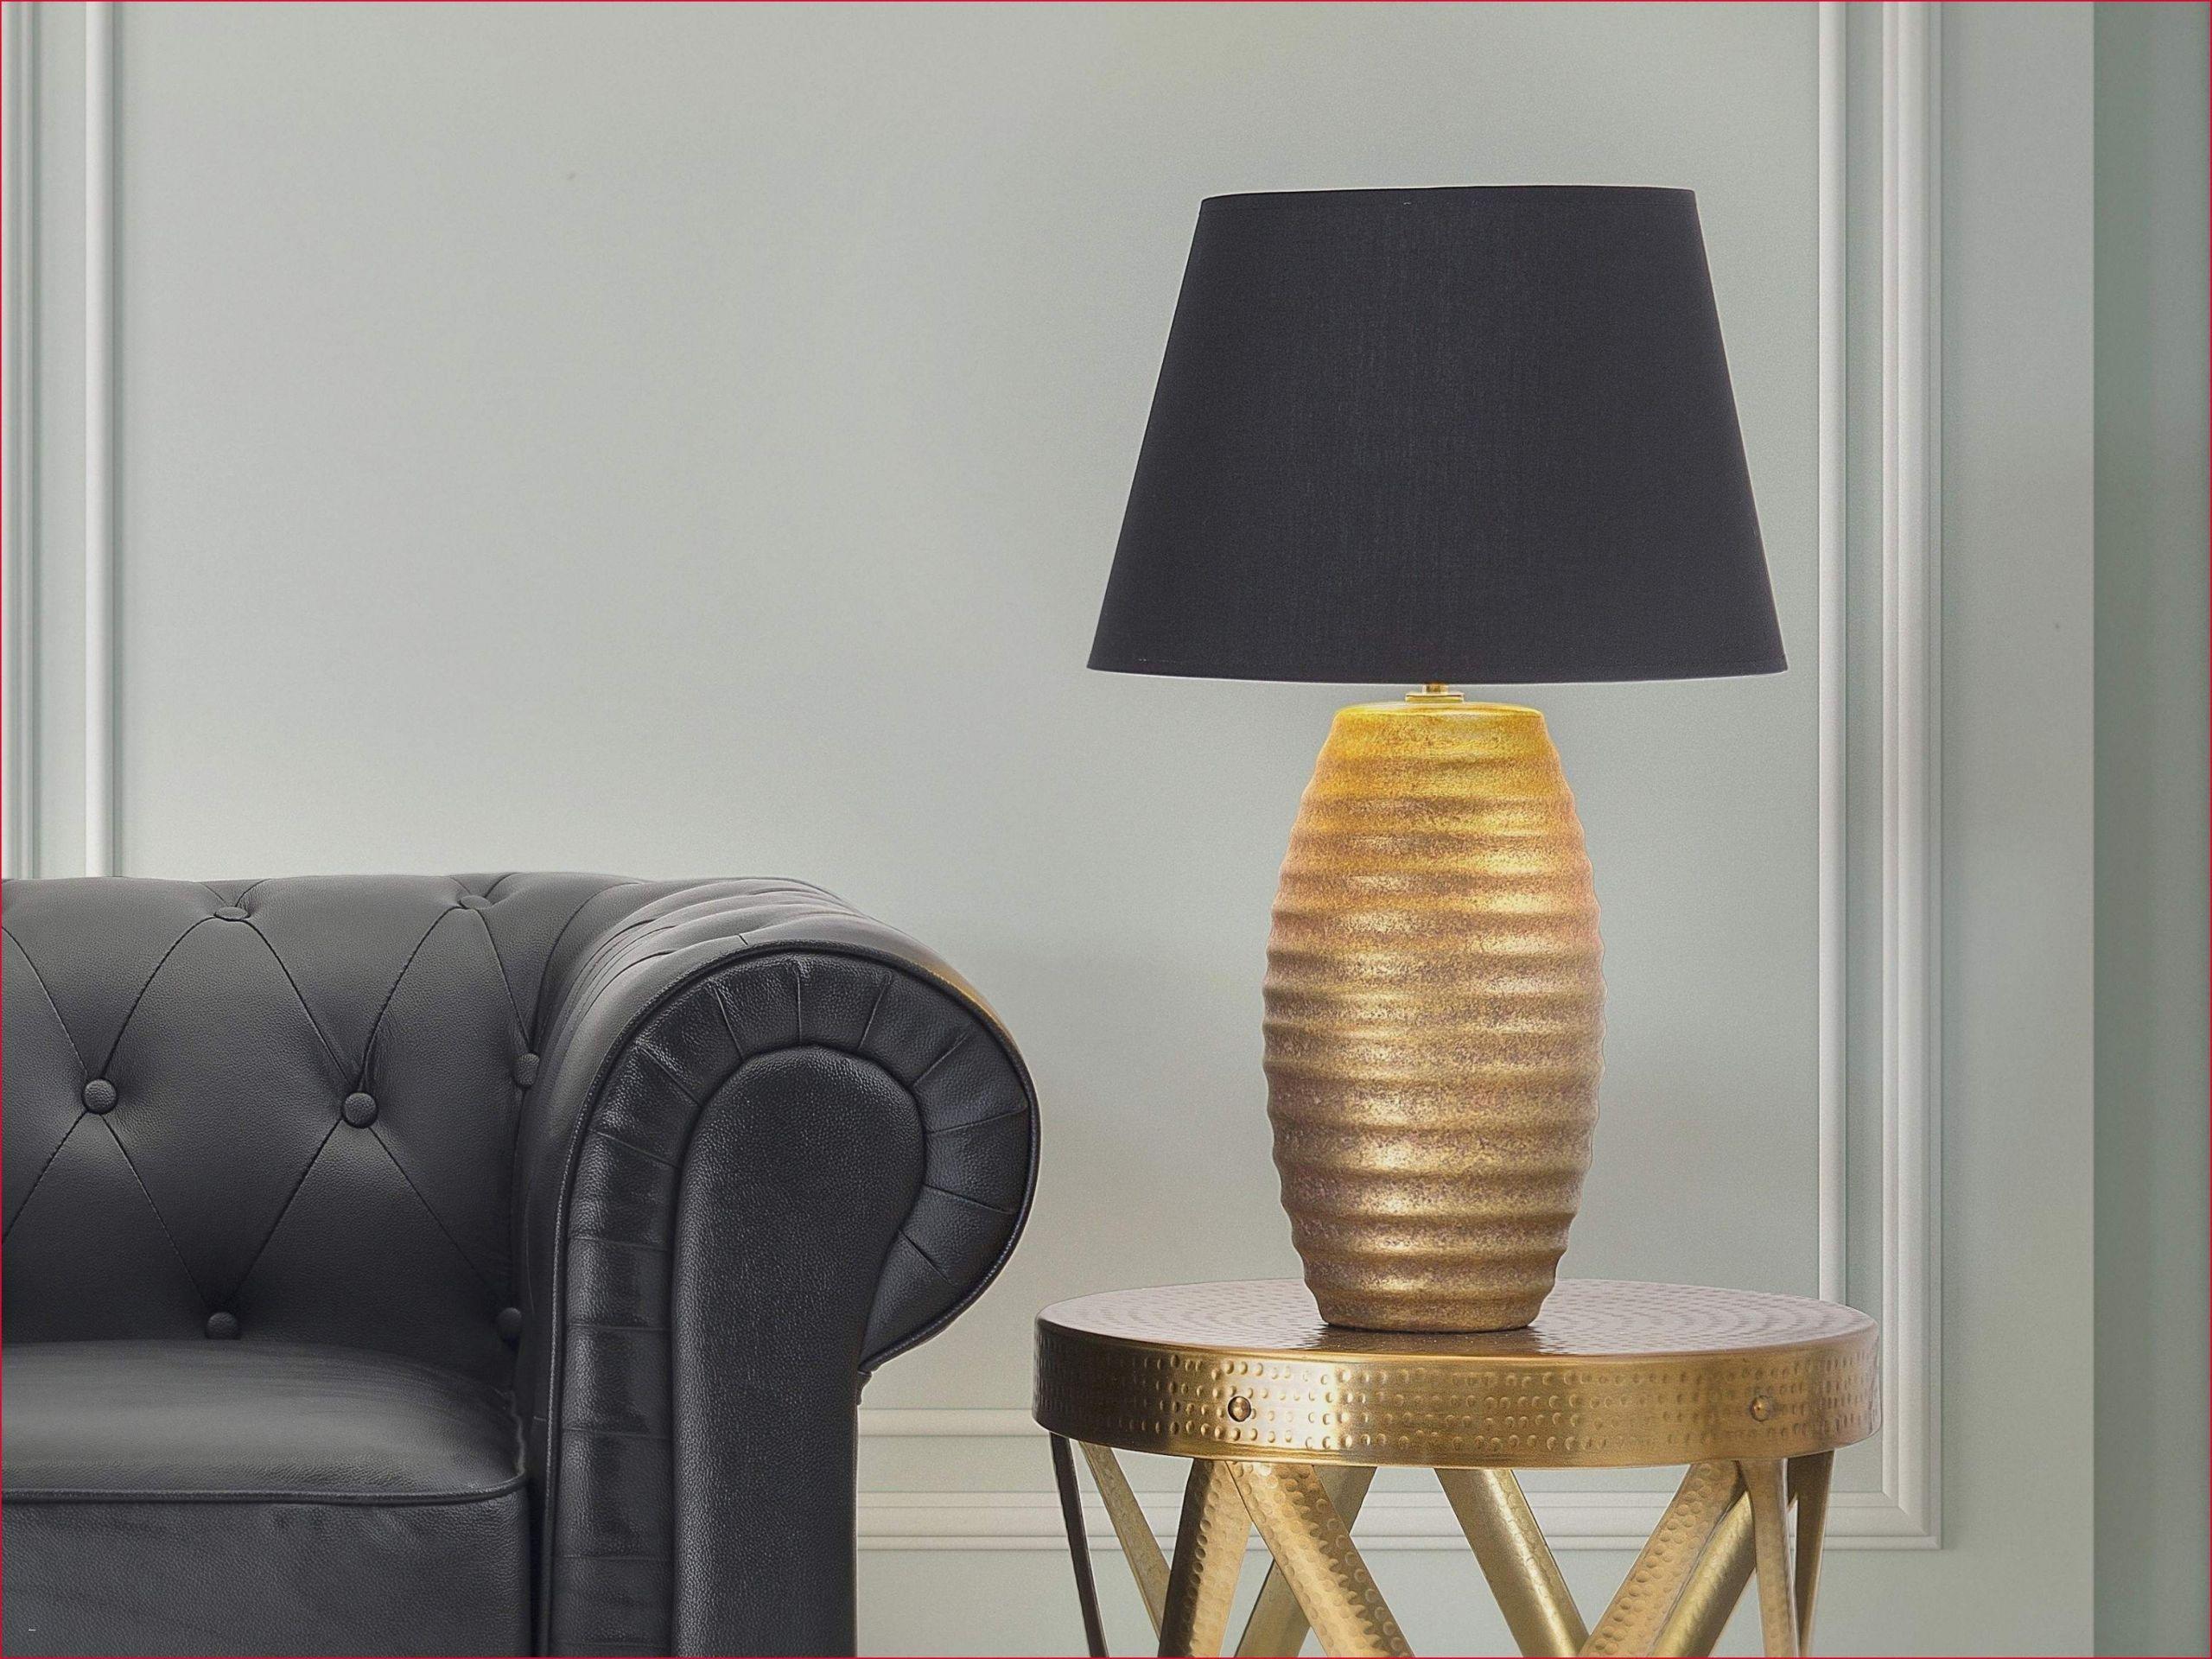 Full Size of Wohnzimmer Tischlampe Amazon Holz Ikea Designer Tischlampen Lampe Ebay Modern Dimmbar Led Tiwohnzimmer Schn 34 Inspirierend Stehlampen Hängeleuchte Schrank Wohnzimmer Wohnzimmer Tischlampe